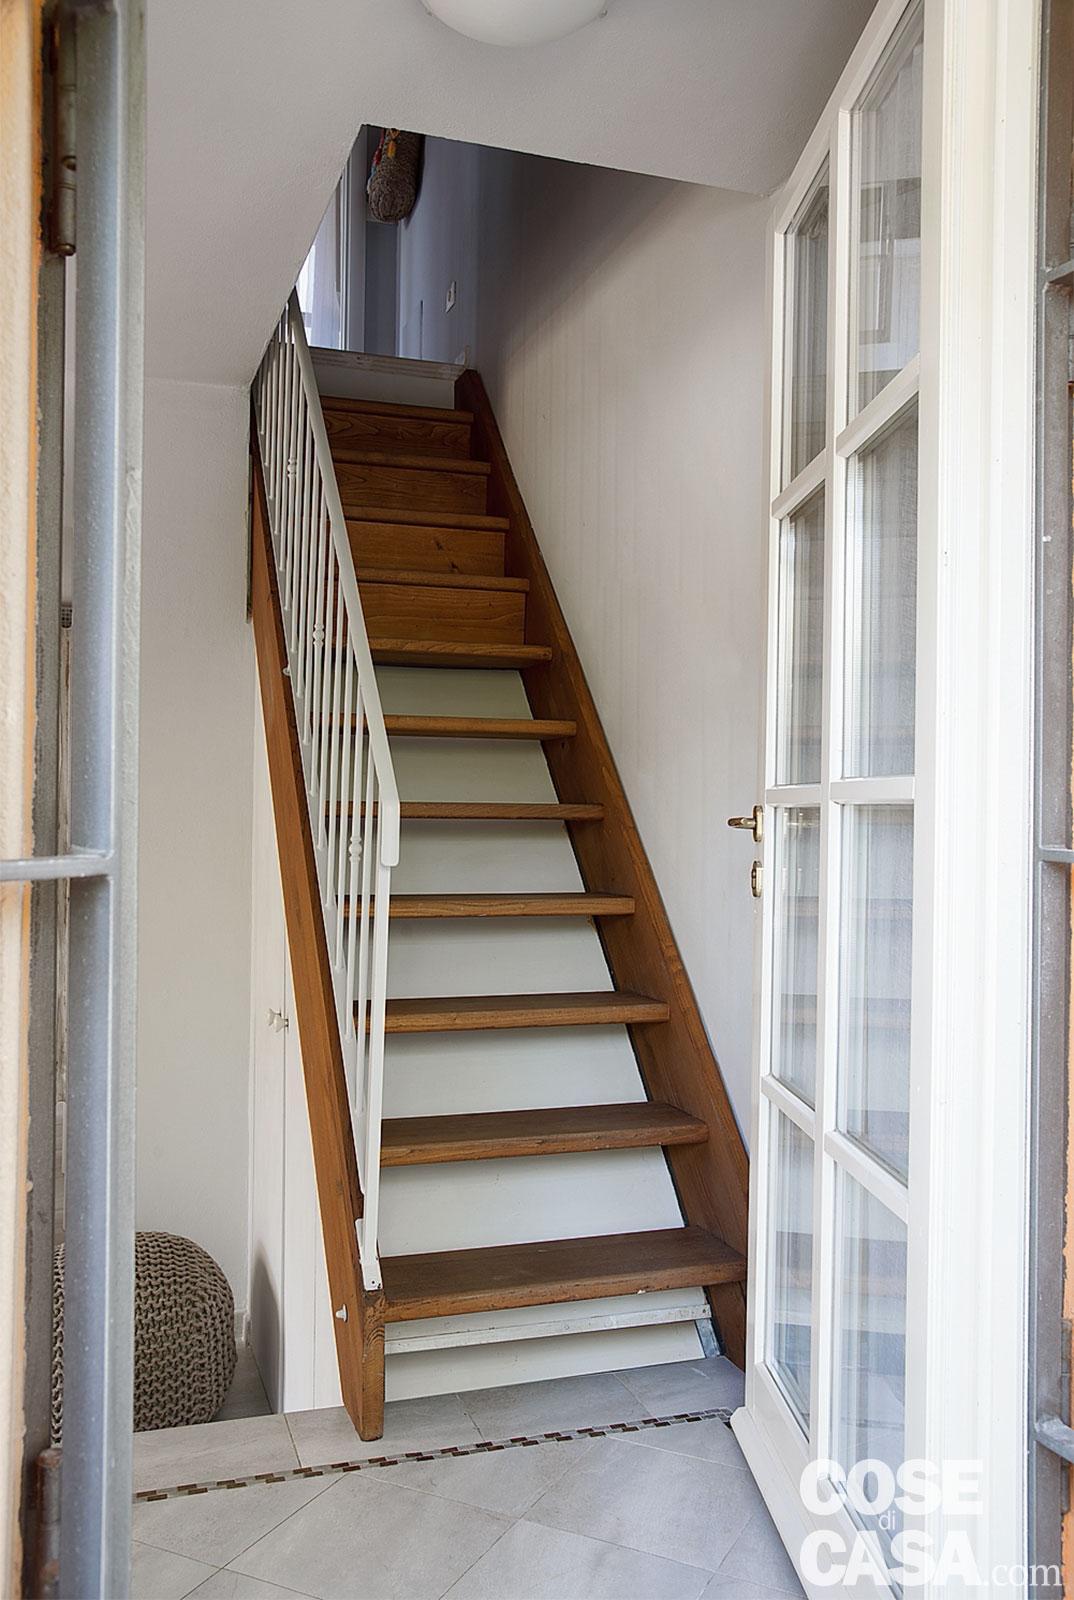 Colore Ringhiera Ferro Interna una casa d'ispirazione provenzale con scala salvaspazio che